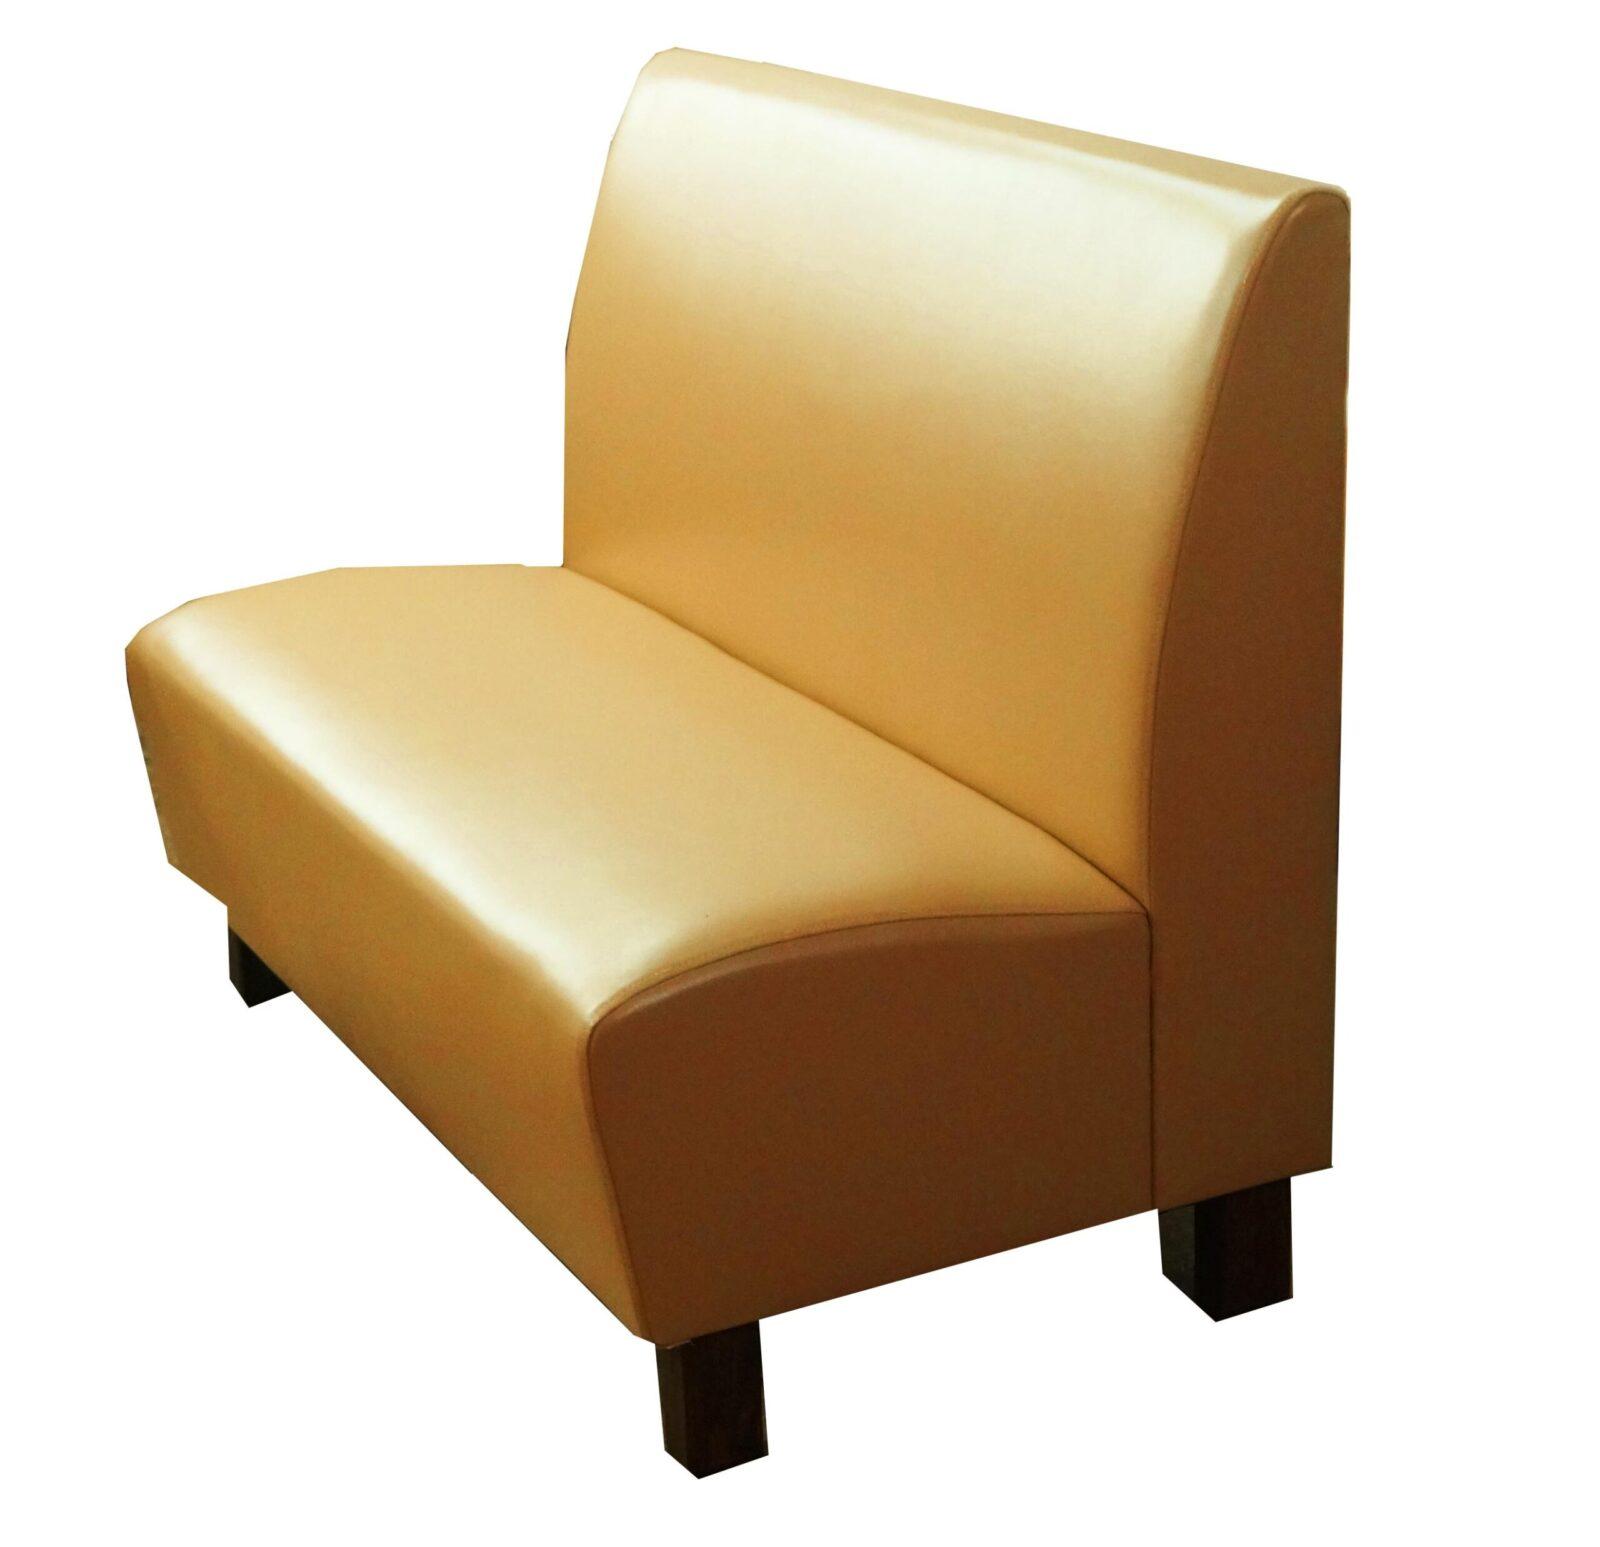 картинки диванов для кафе для